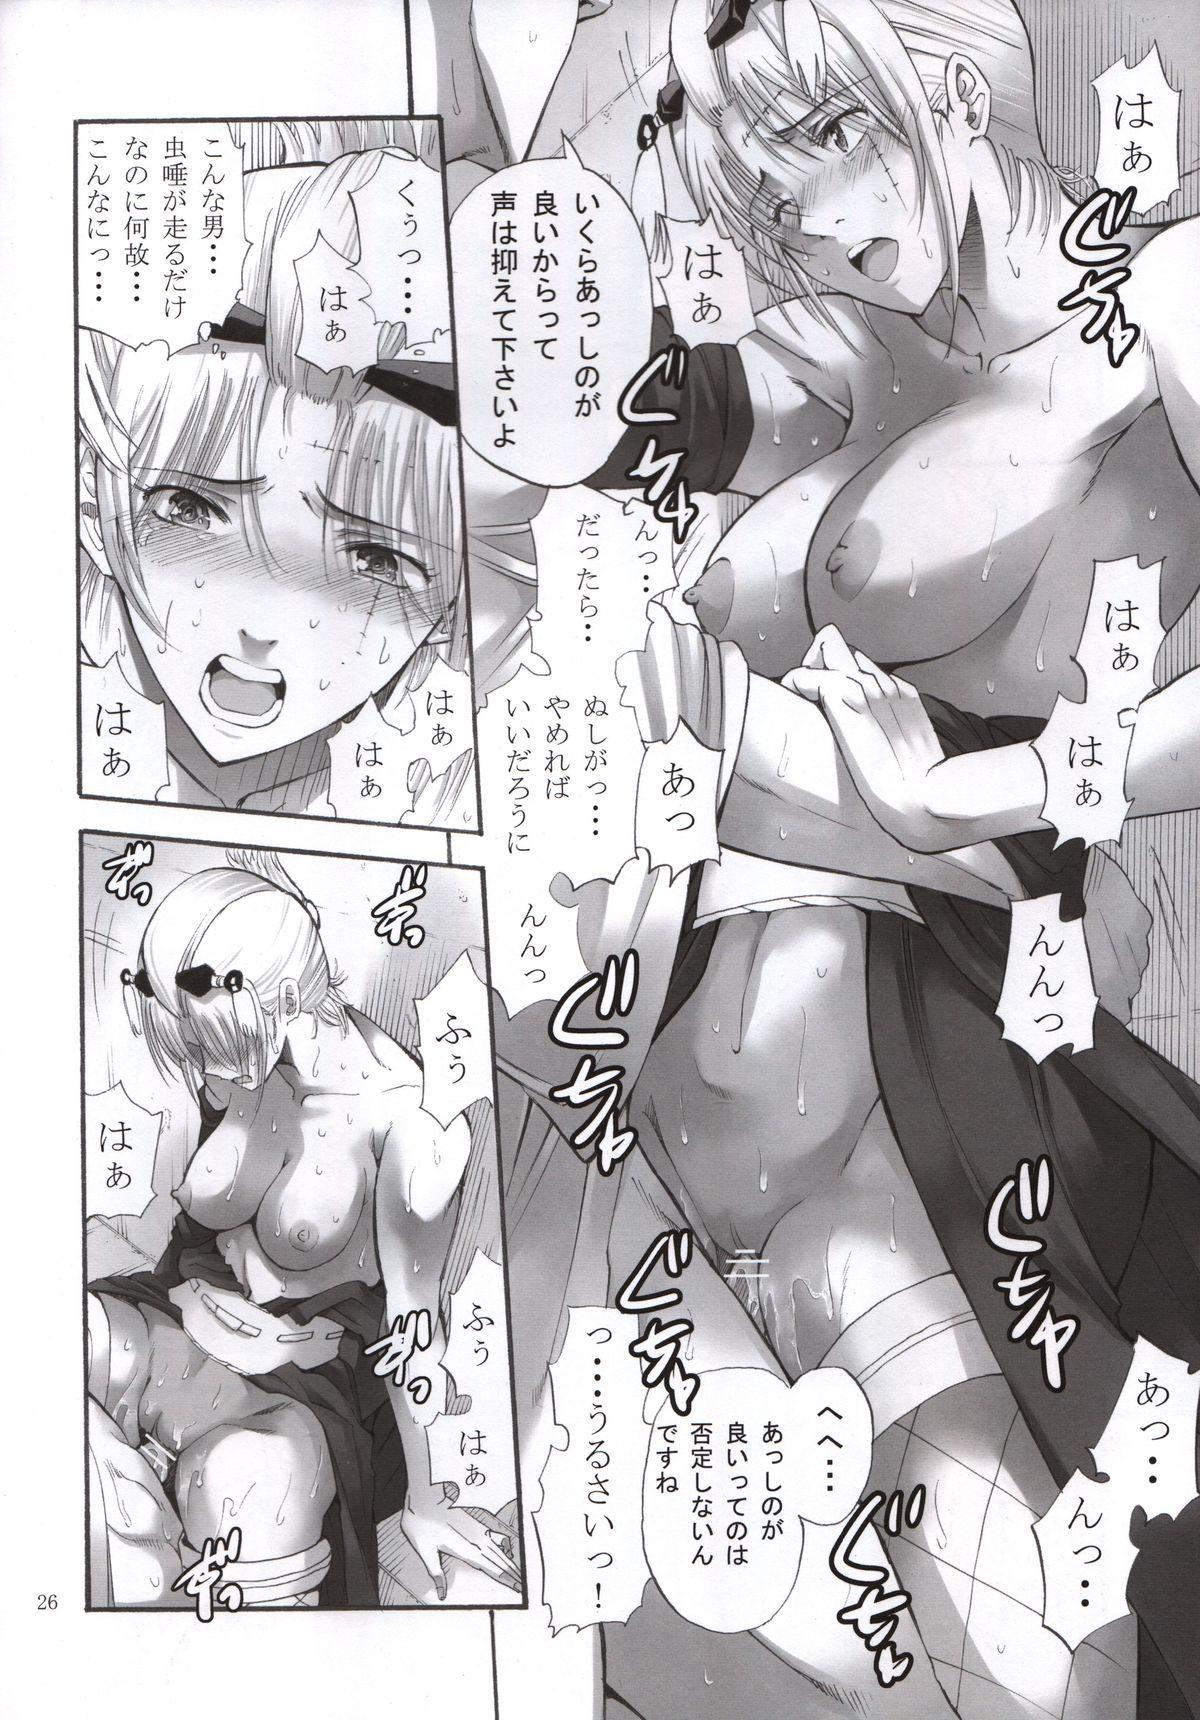 Tsukuyo-san ga Iyarashii Koto o Sarete shimau Hanashi 2 24